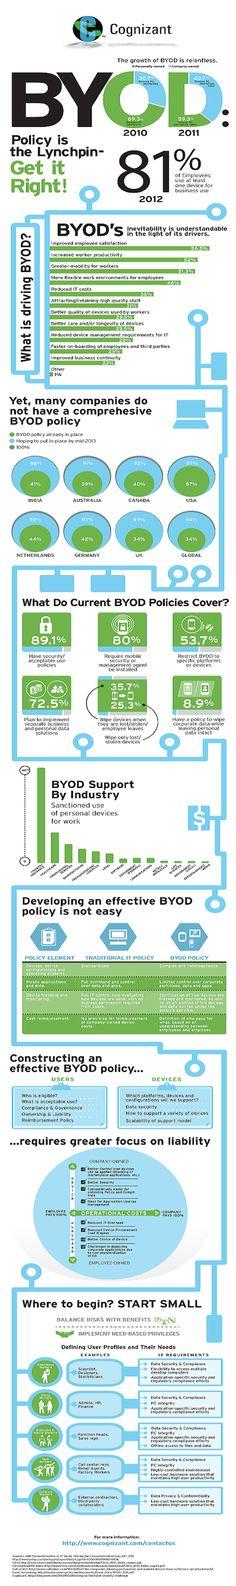 Déjà identifié comme une tendance forte par Forrester l'année dernière, le BYOD (Bring Your Own Device) refait parler de lui dans cette infographie réalisée par Cognizant. Si seulement 34% des entreprises l'utilisaient l'an passé, 94% envisageraient, désormais, la mise en place d'une telle politique en 2013.